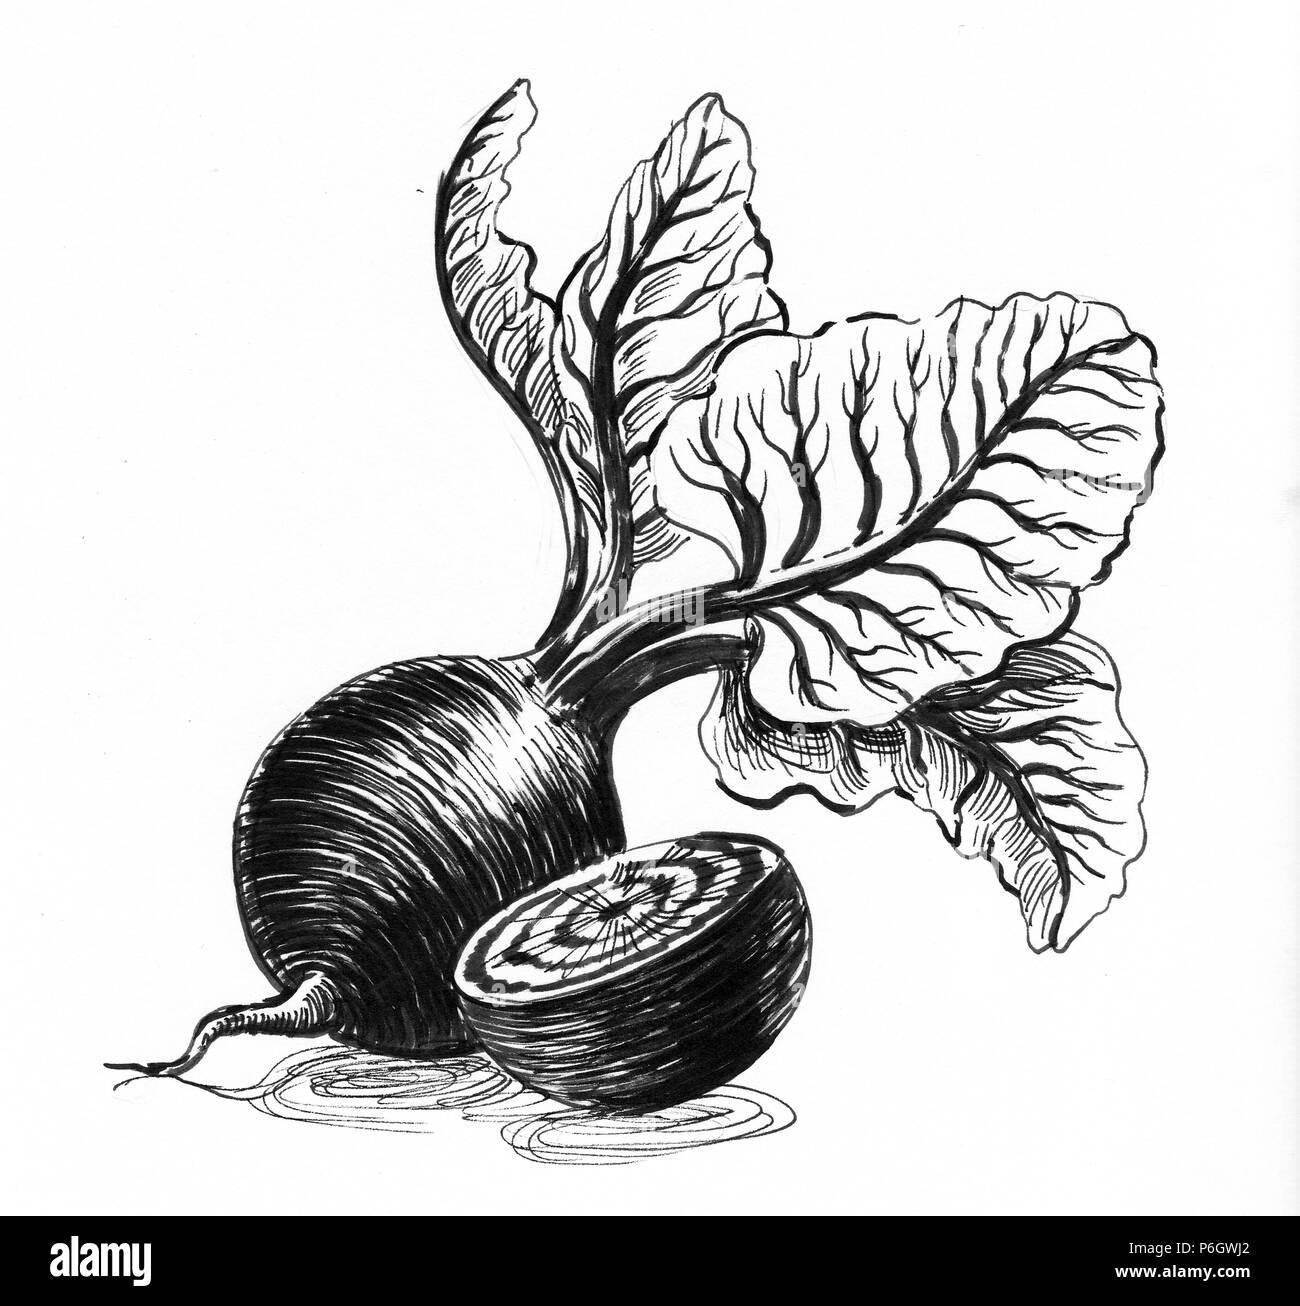 Lencre Végétale Betterave Illustration Noir Et Blanc Banque